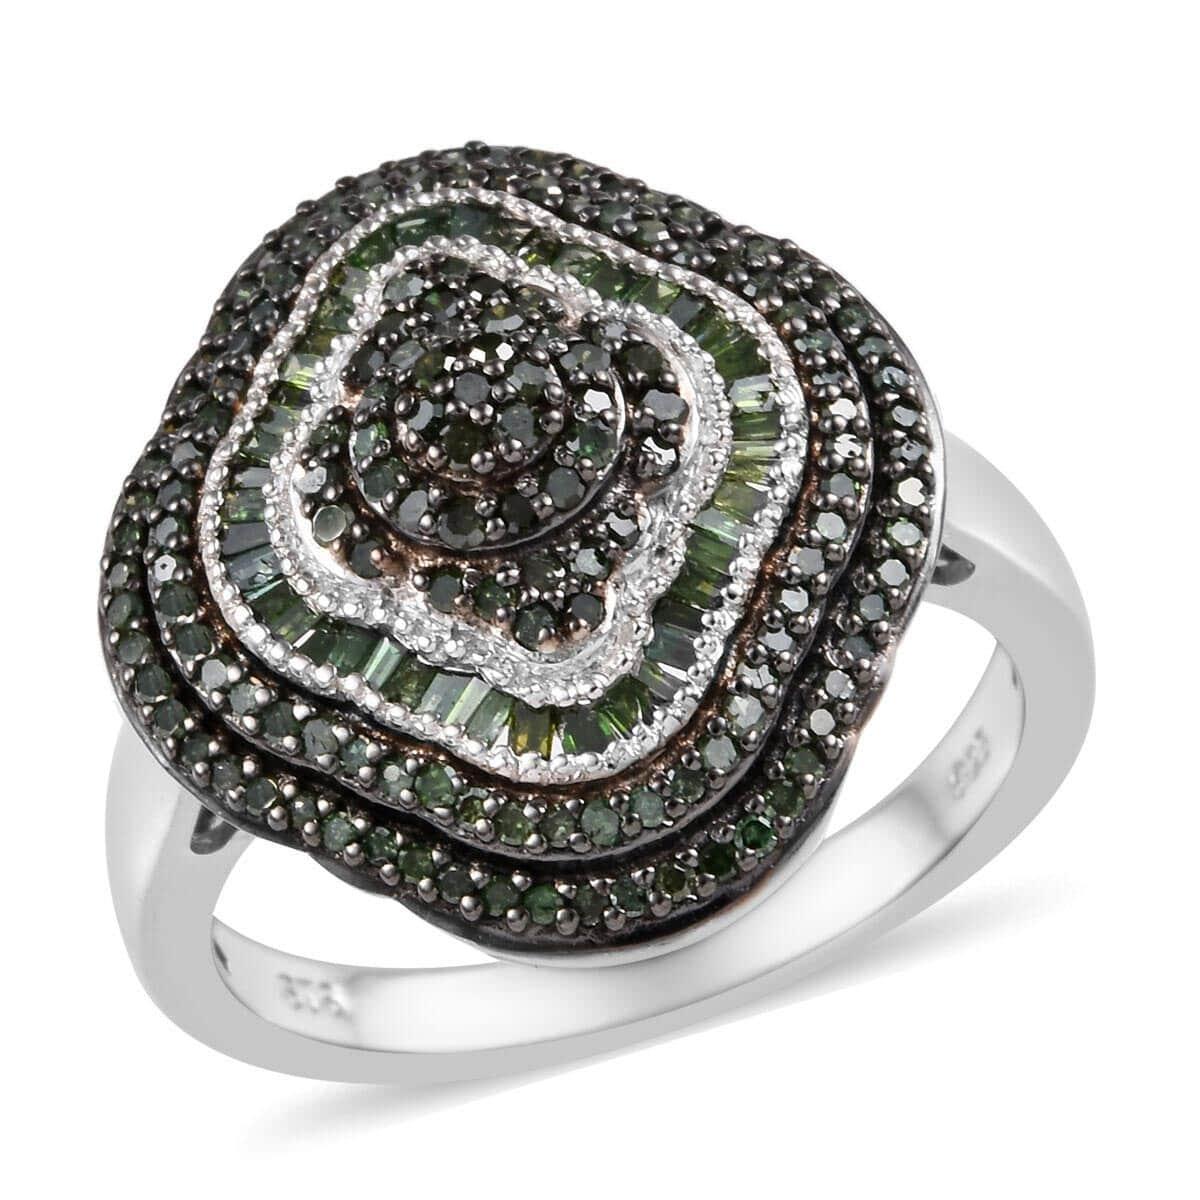 ST Girls Blue Topaz Black Spinel Platinum Over Silver Cluster Ring